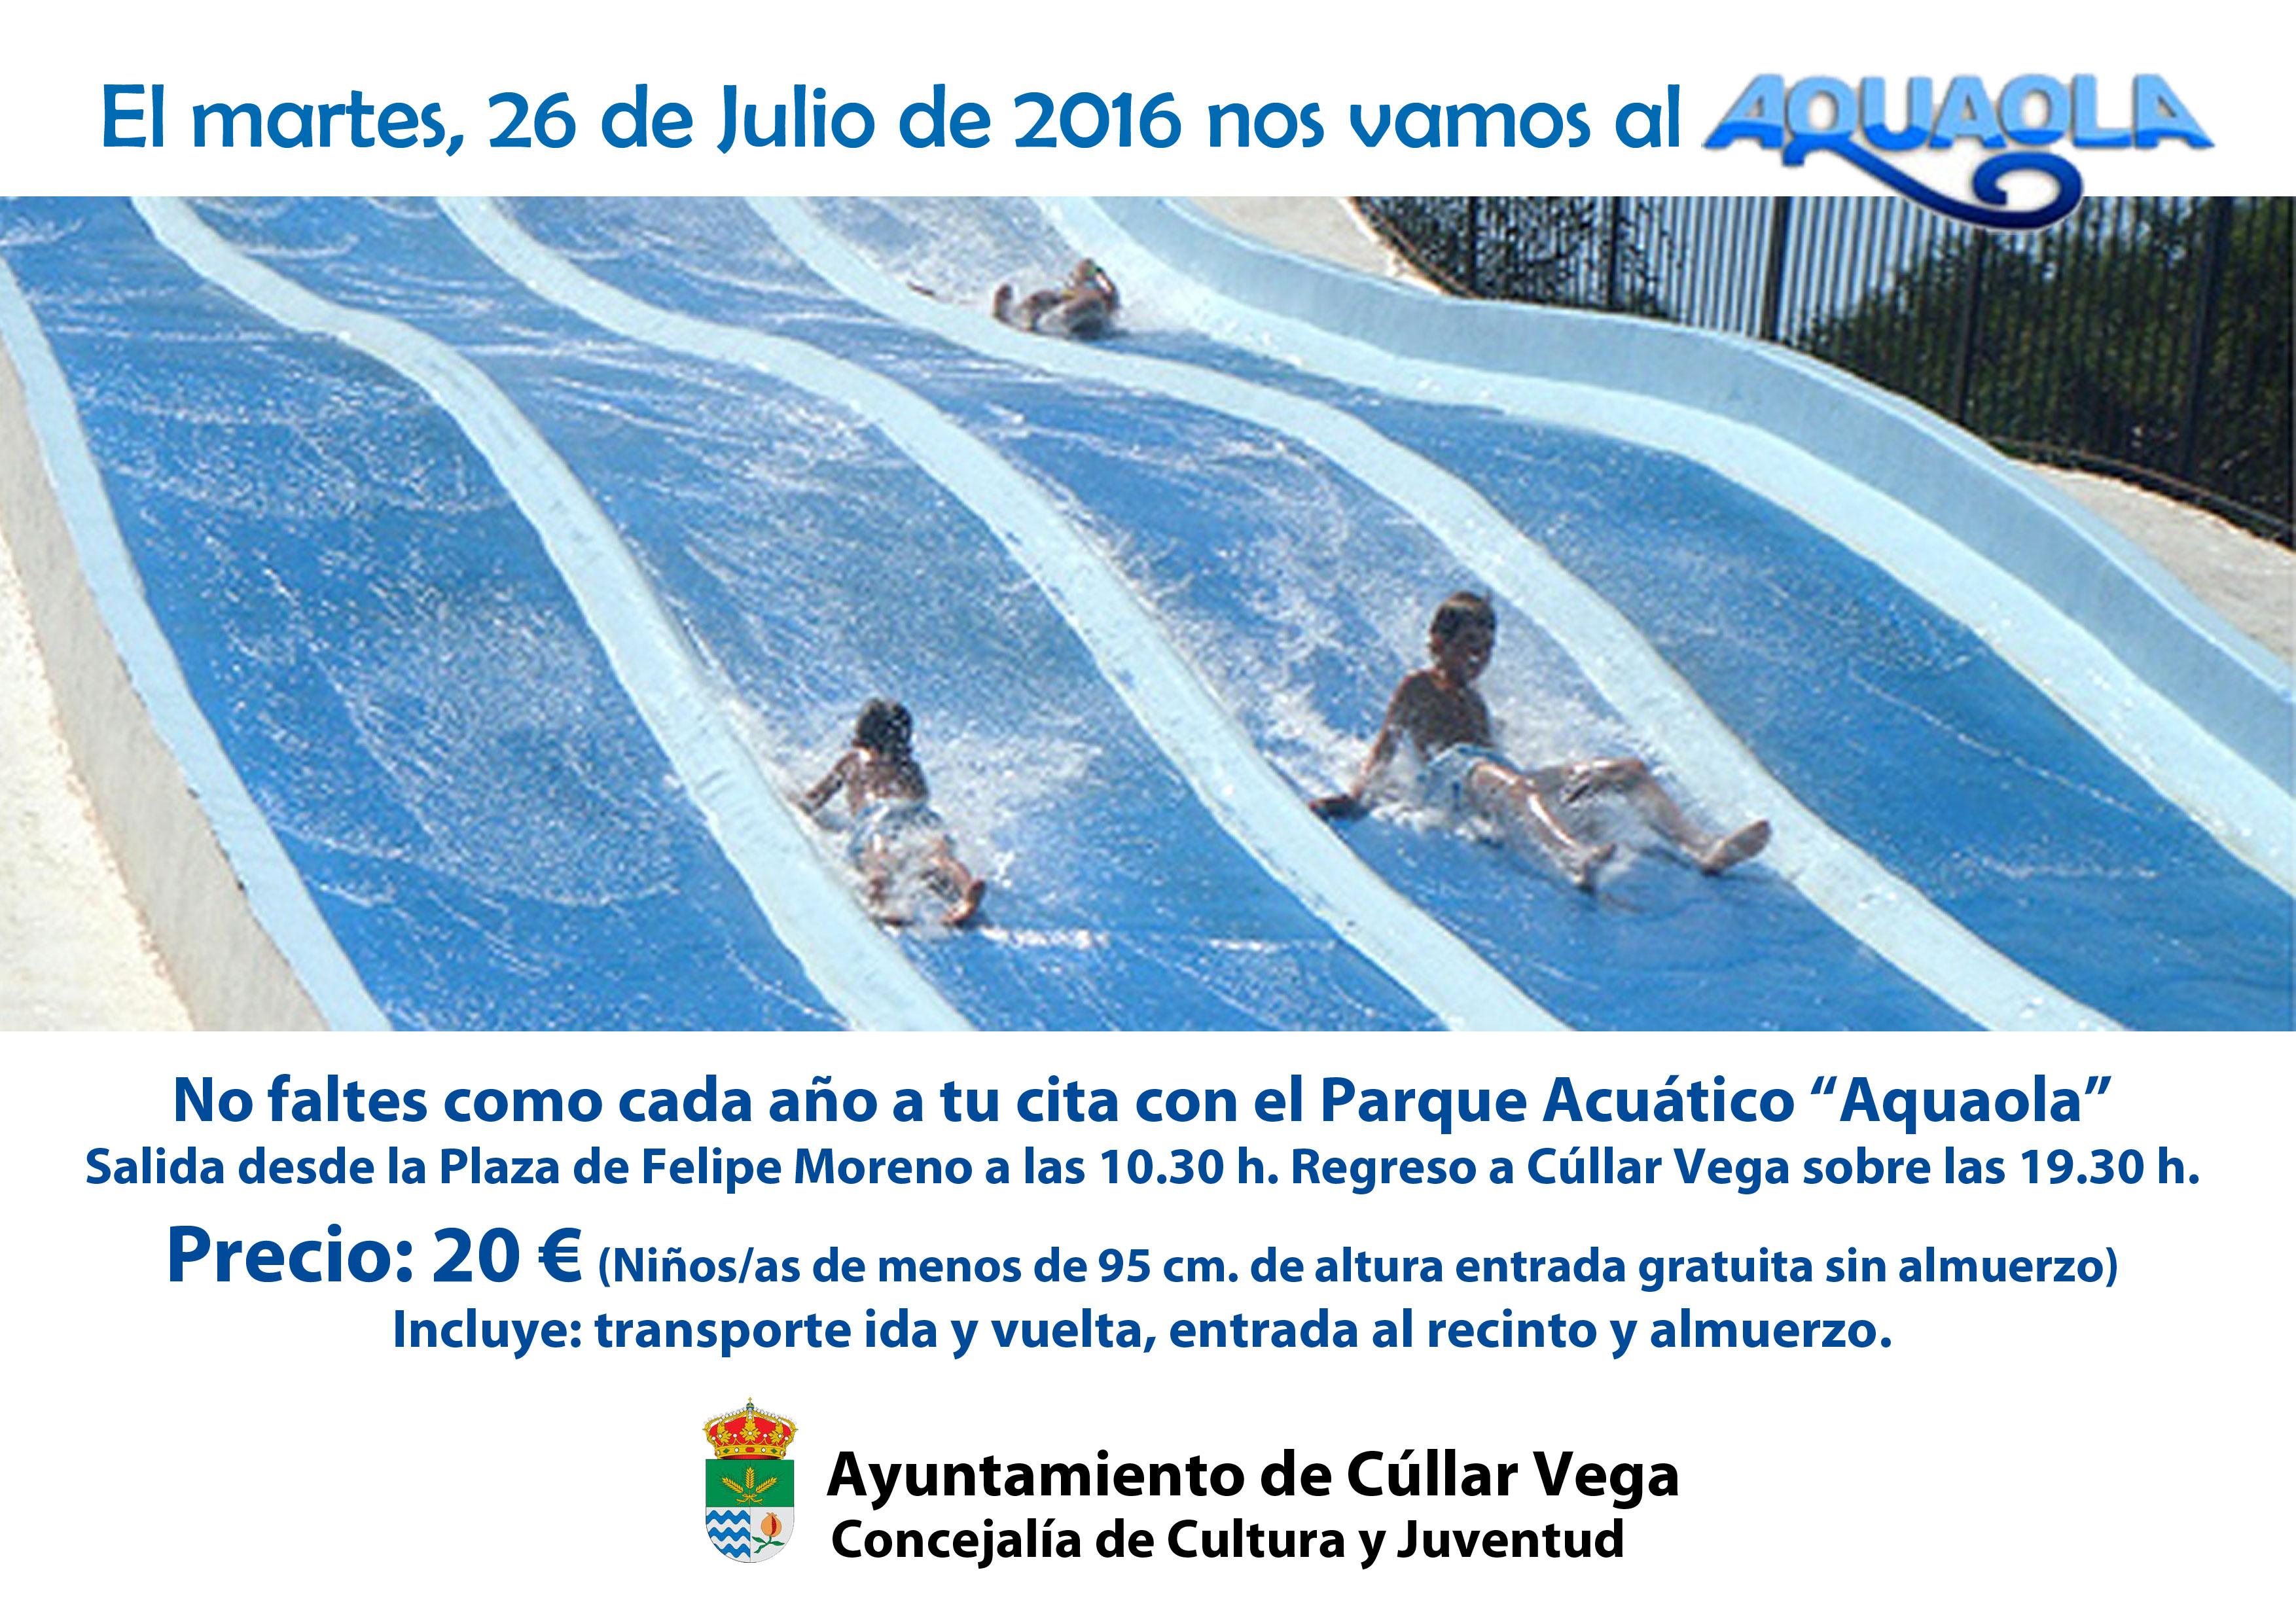 Excursión al Parque Acuático Aquaola